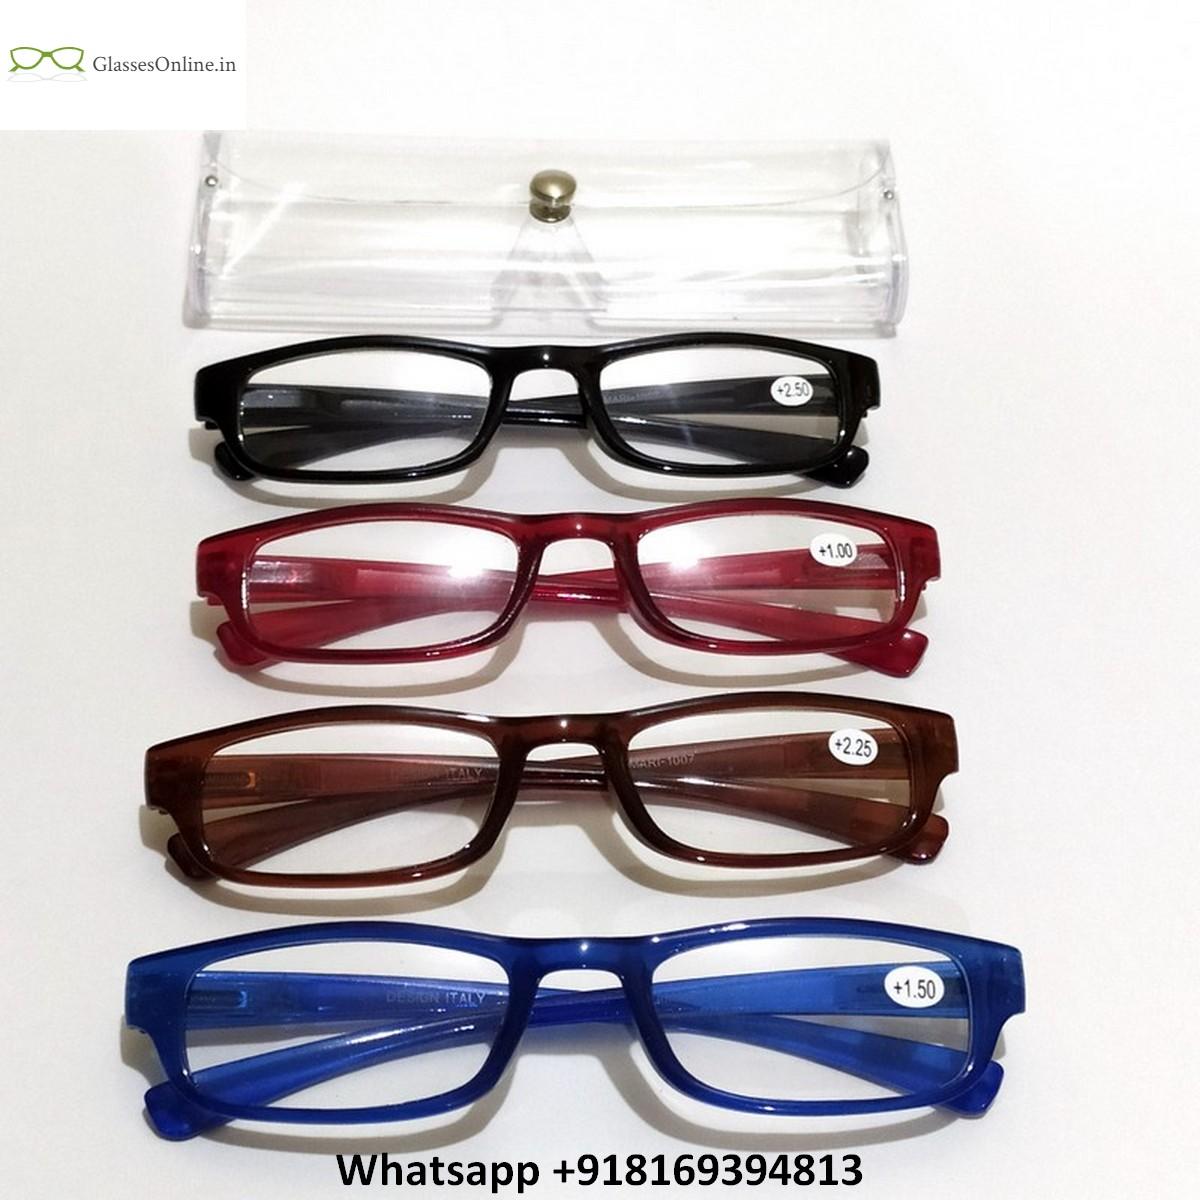 Plastic Full Frame Reading Glasses with Spring